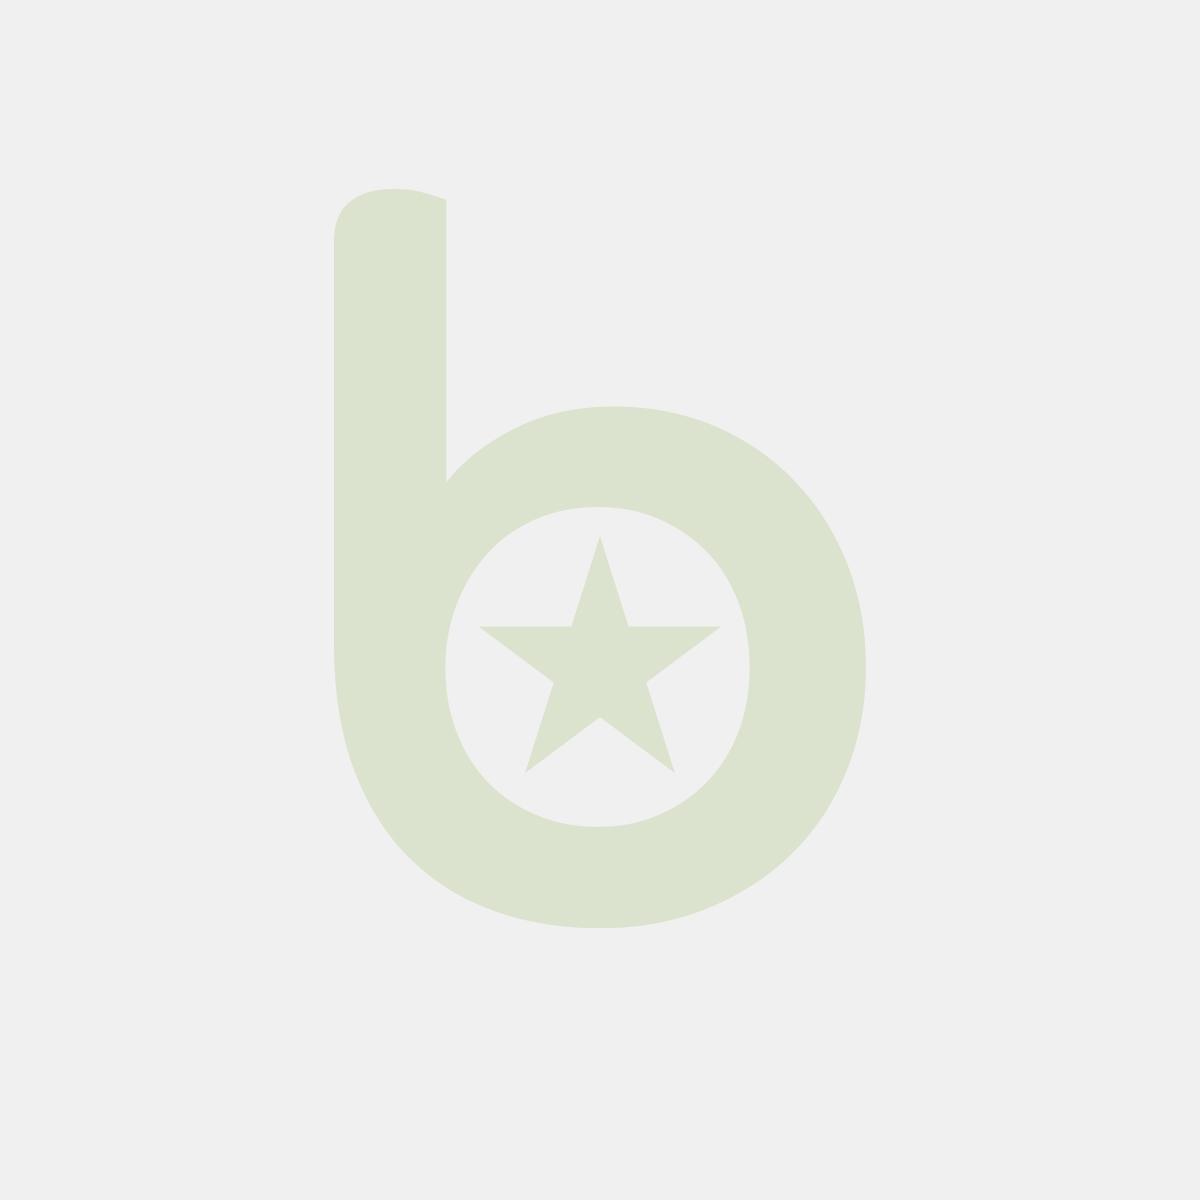 WKR-60-BZ (ślubne) WYSTRZAŁOWE KONFETTI z BORDOWYMI RÓŻAMI i ZIELONYMI LISTKAMI, cena za 1 sztukę